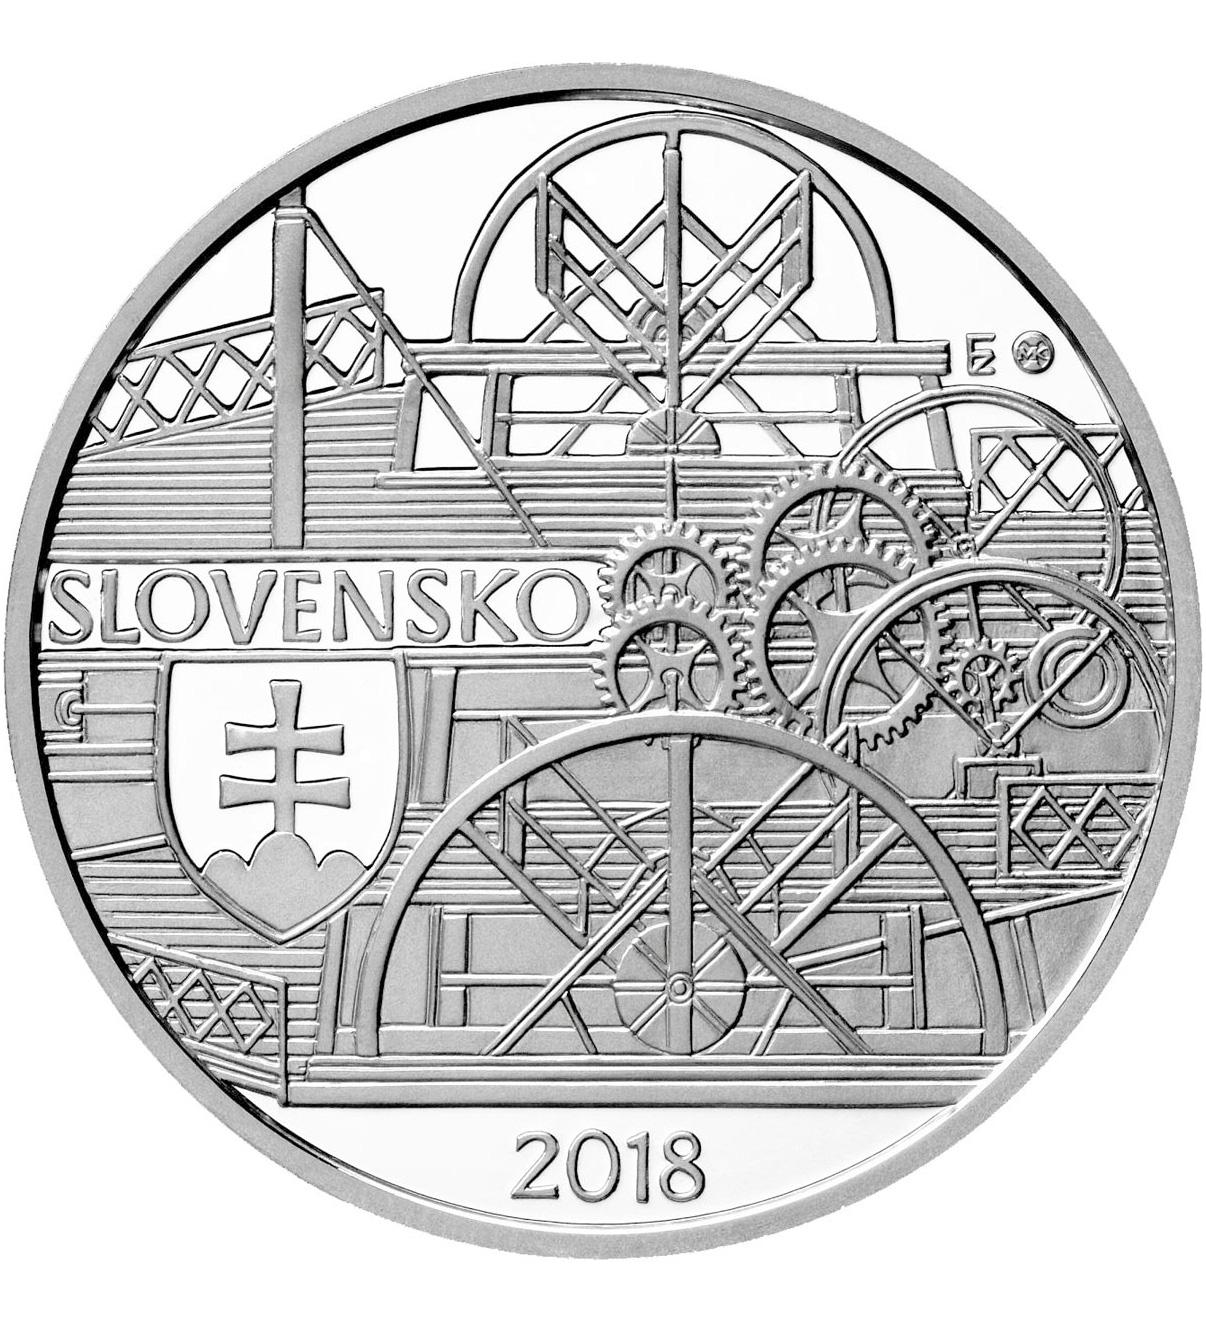 10 евро в память о первом пароходе на Дунае